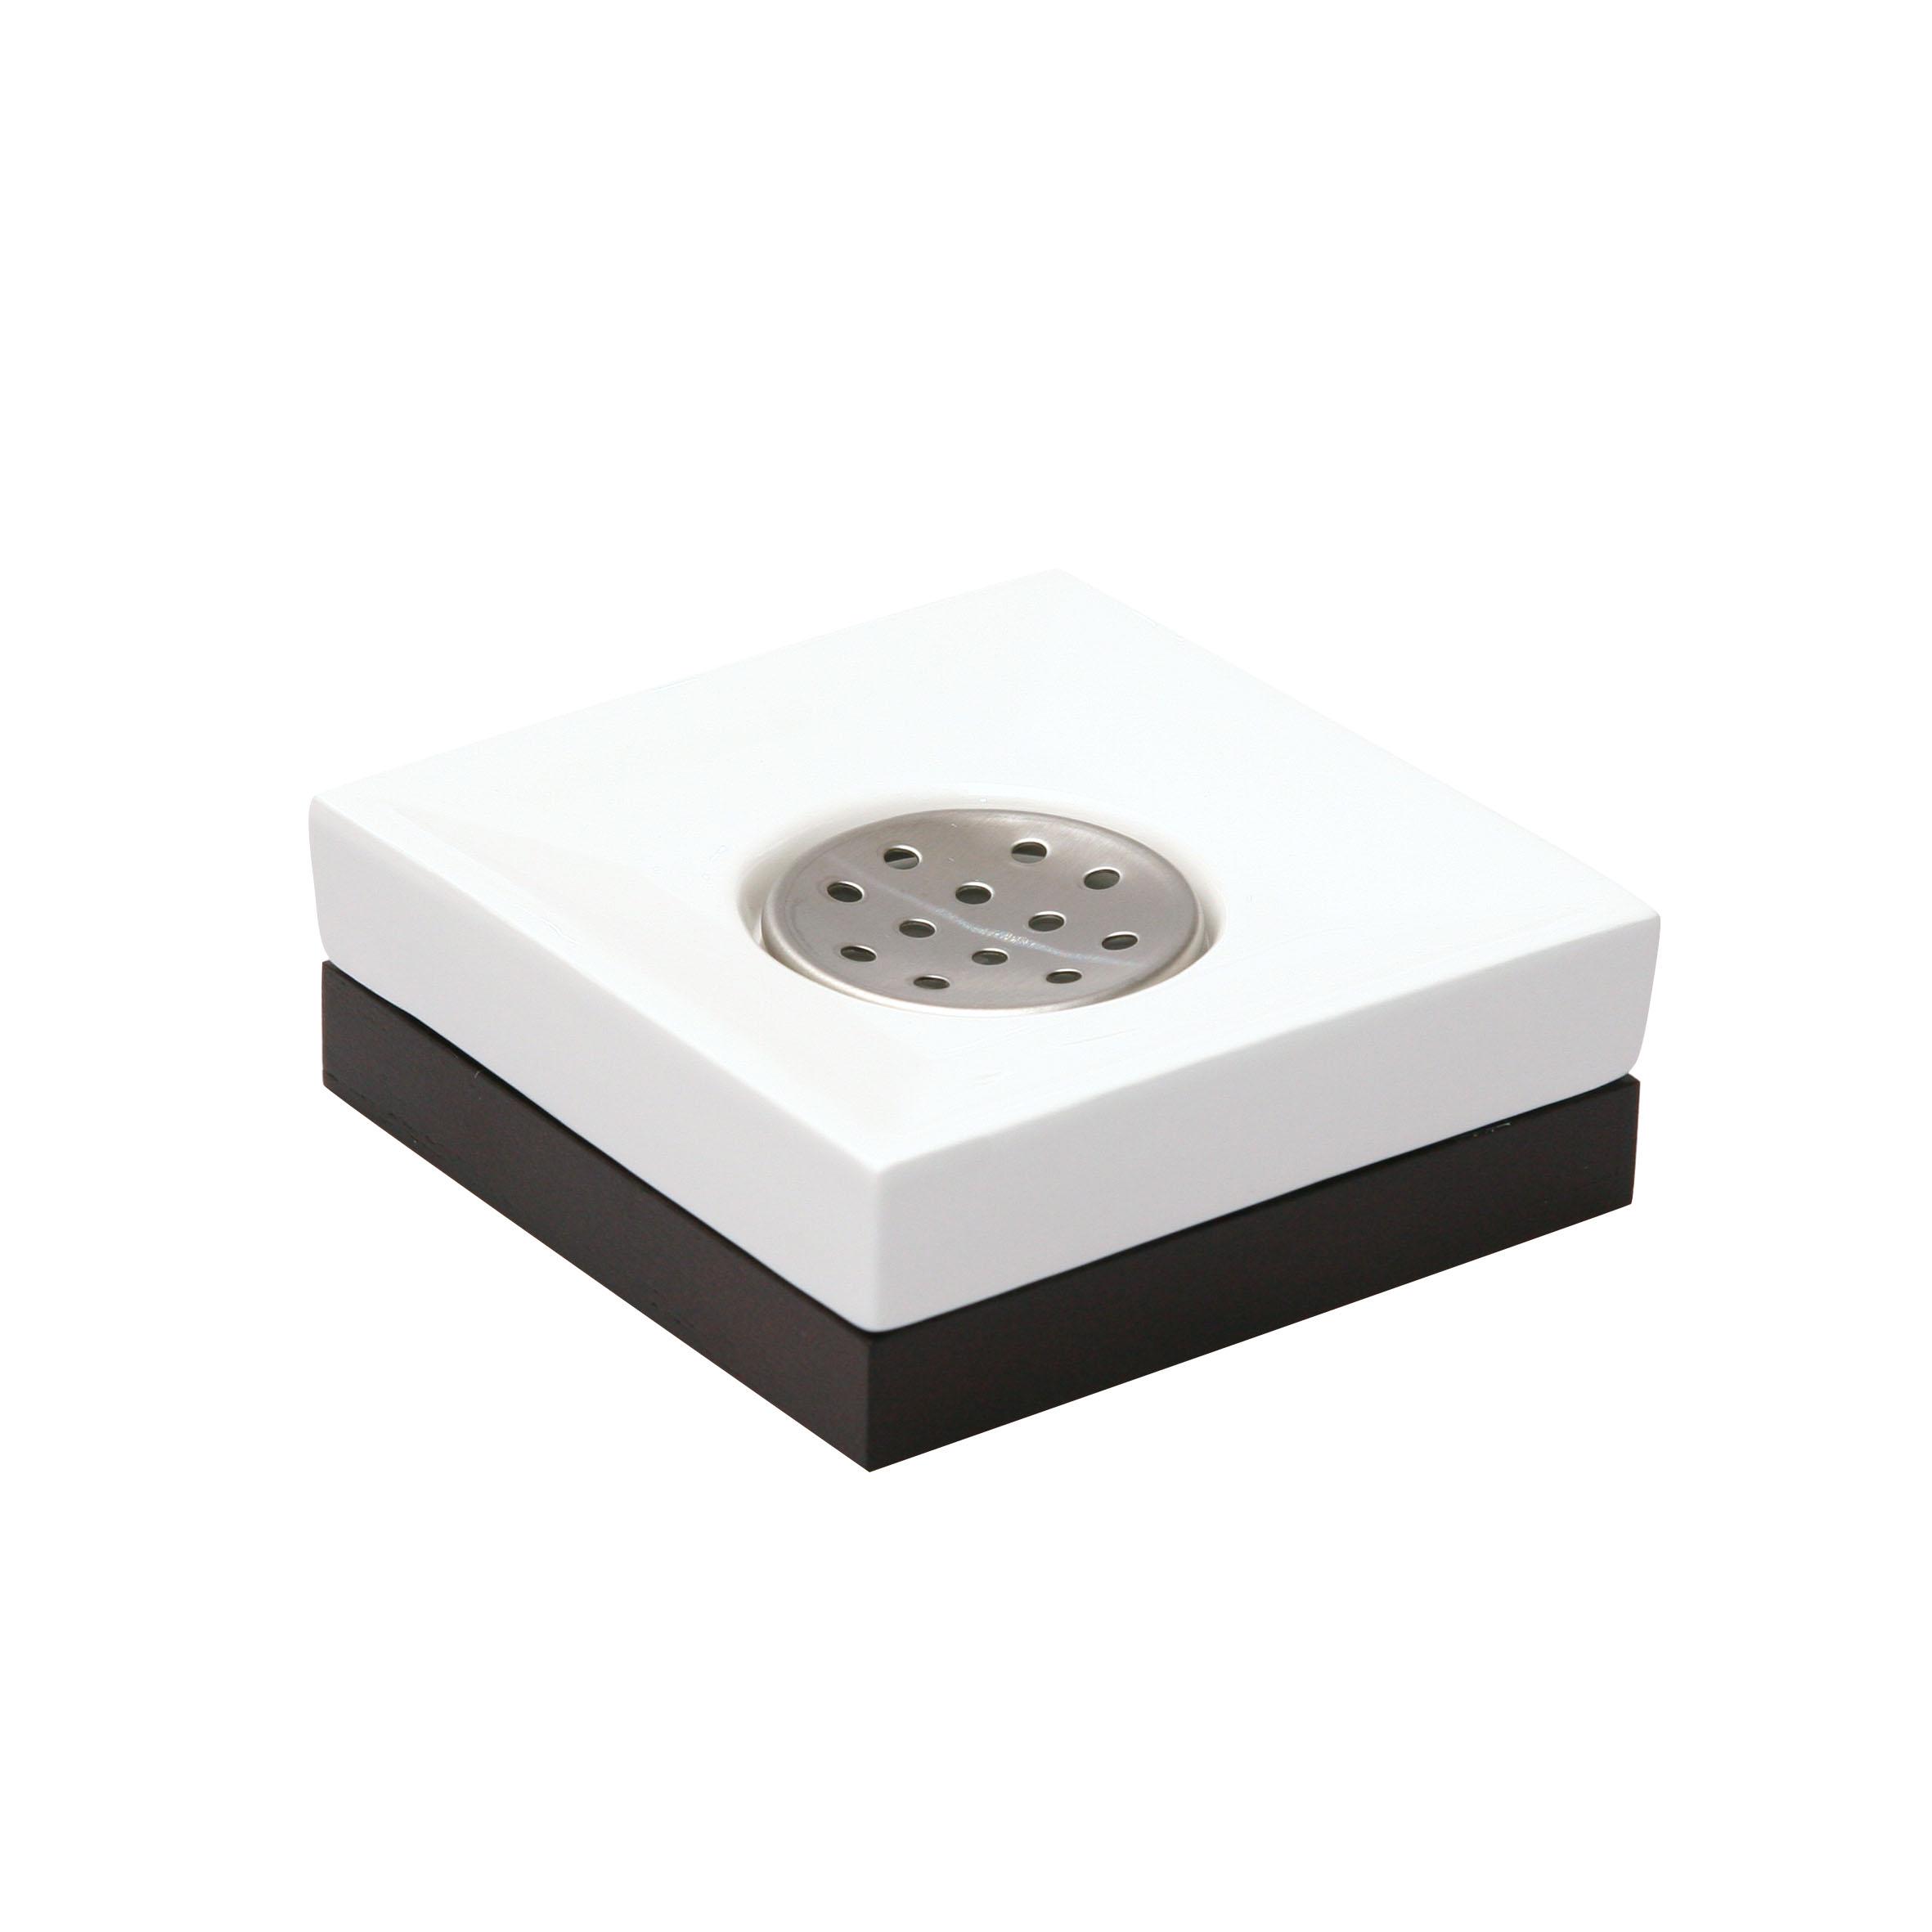 Мыльница Axentia Ginella, 11 х 11 х 4 см282340Квадратная мыльница Axentia Ginella изготовлена из керамики с элементами дерева и нержавеющей стали. Имеет благородный внешний вид, способный подчеркнуть статус хозяйки дома.Размер мыльниц: 11 х 11 х 4 см.